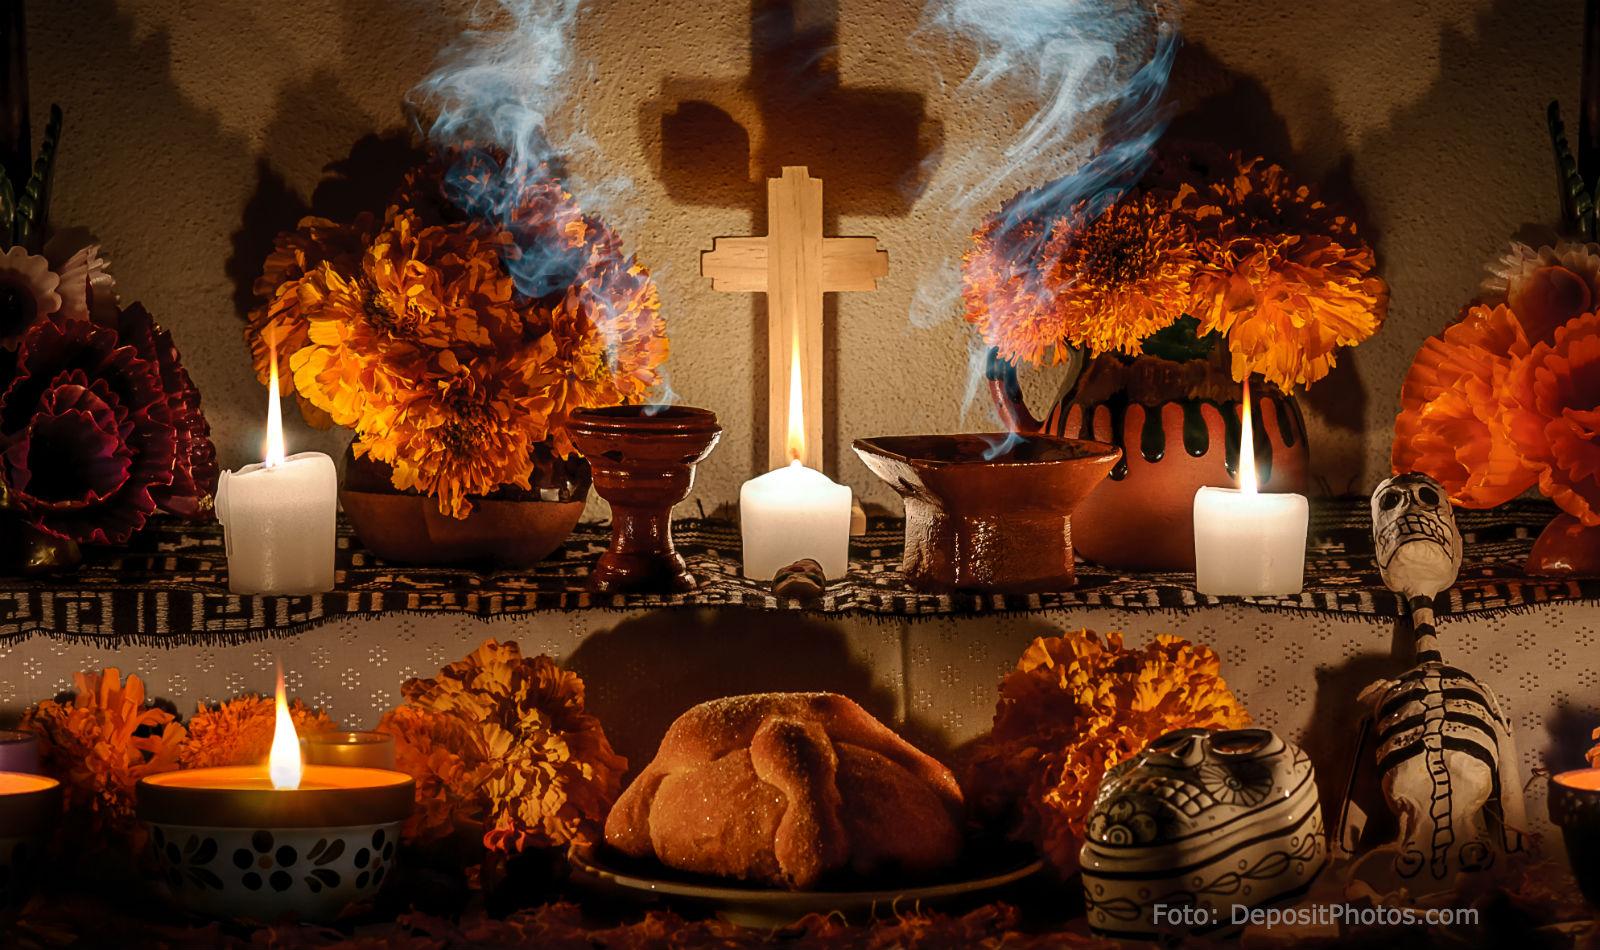 El altar u ofrenda, elemento central de la tradición del Día de Muertos